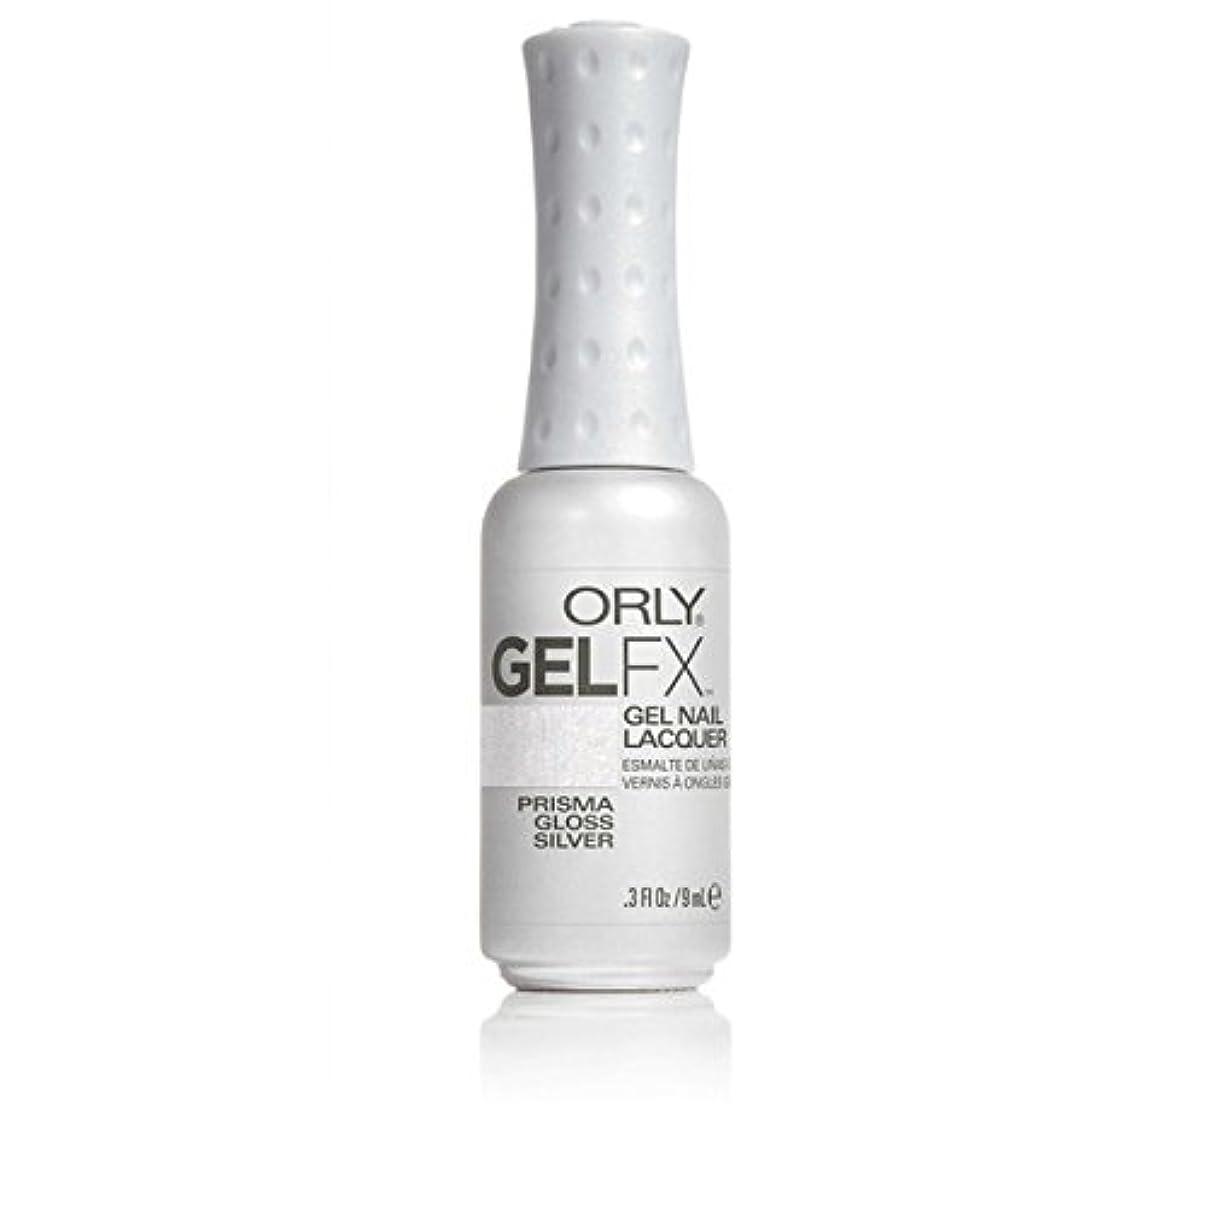 自分を引き上げるポテト小切手ORLY(オーリー)ジェルFXジェルネイルラッカー 9ml プリズマグロスシルバー#30708